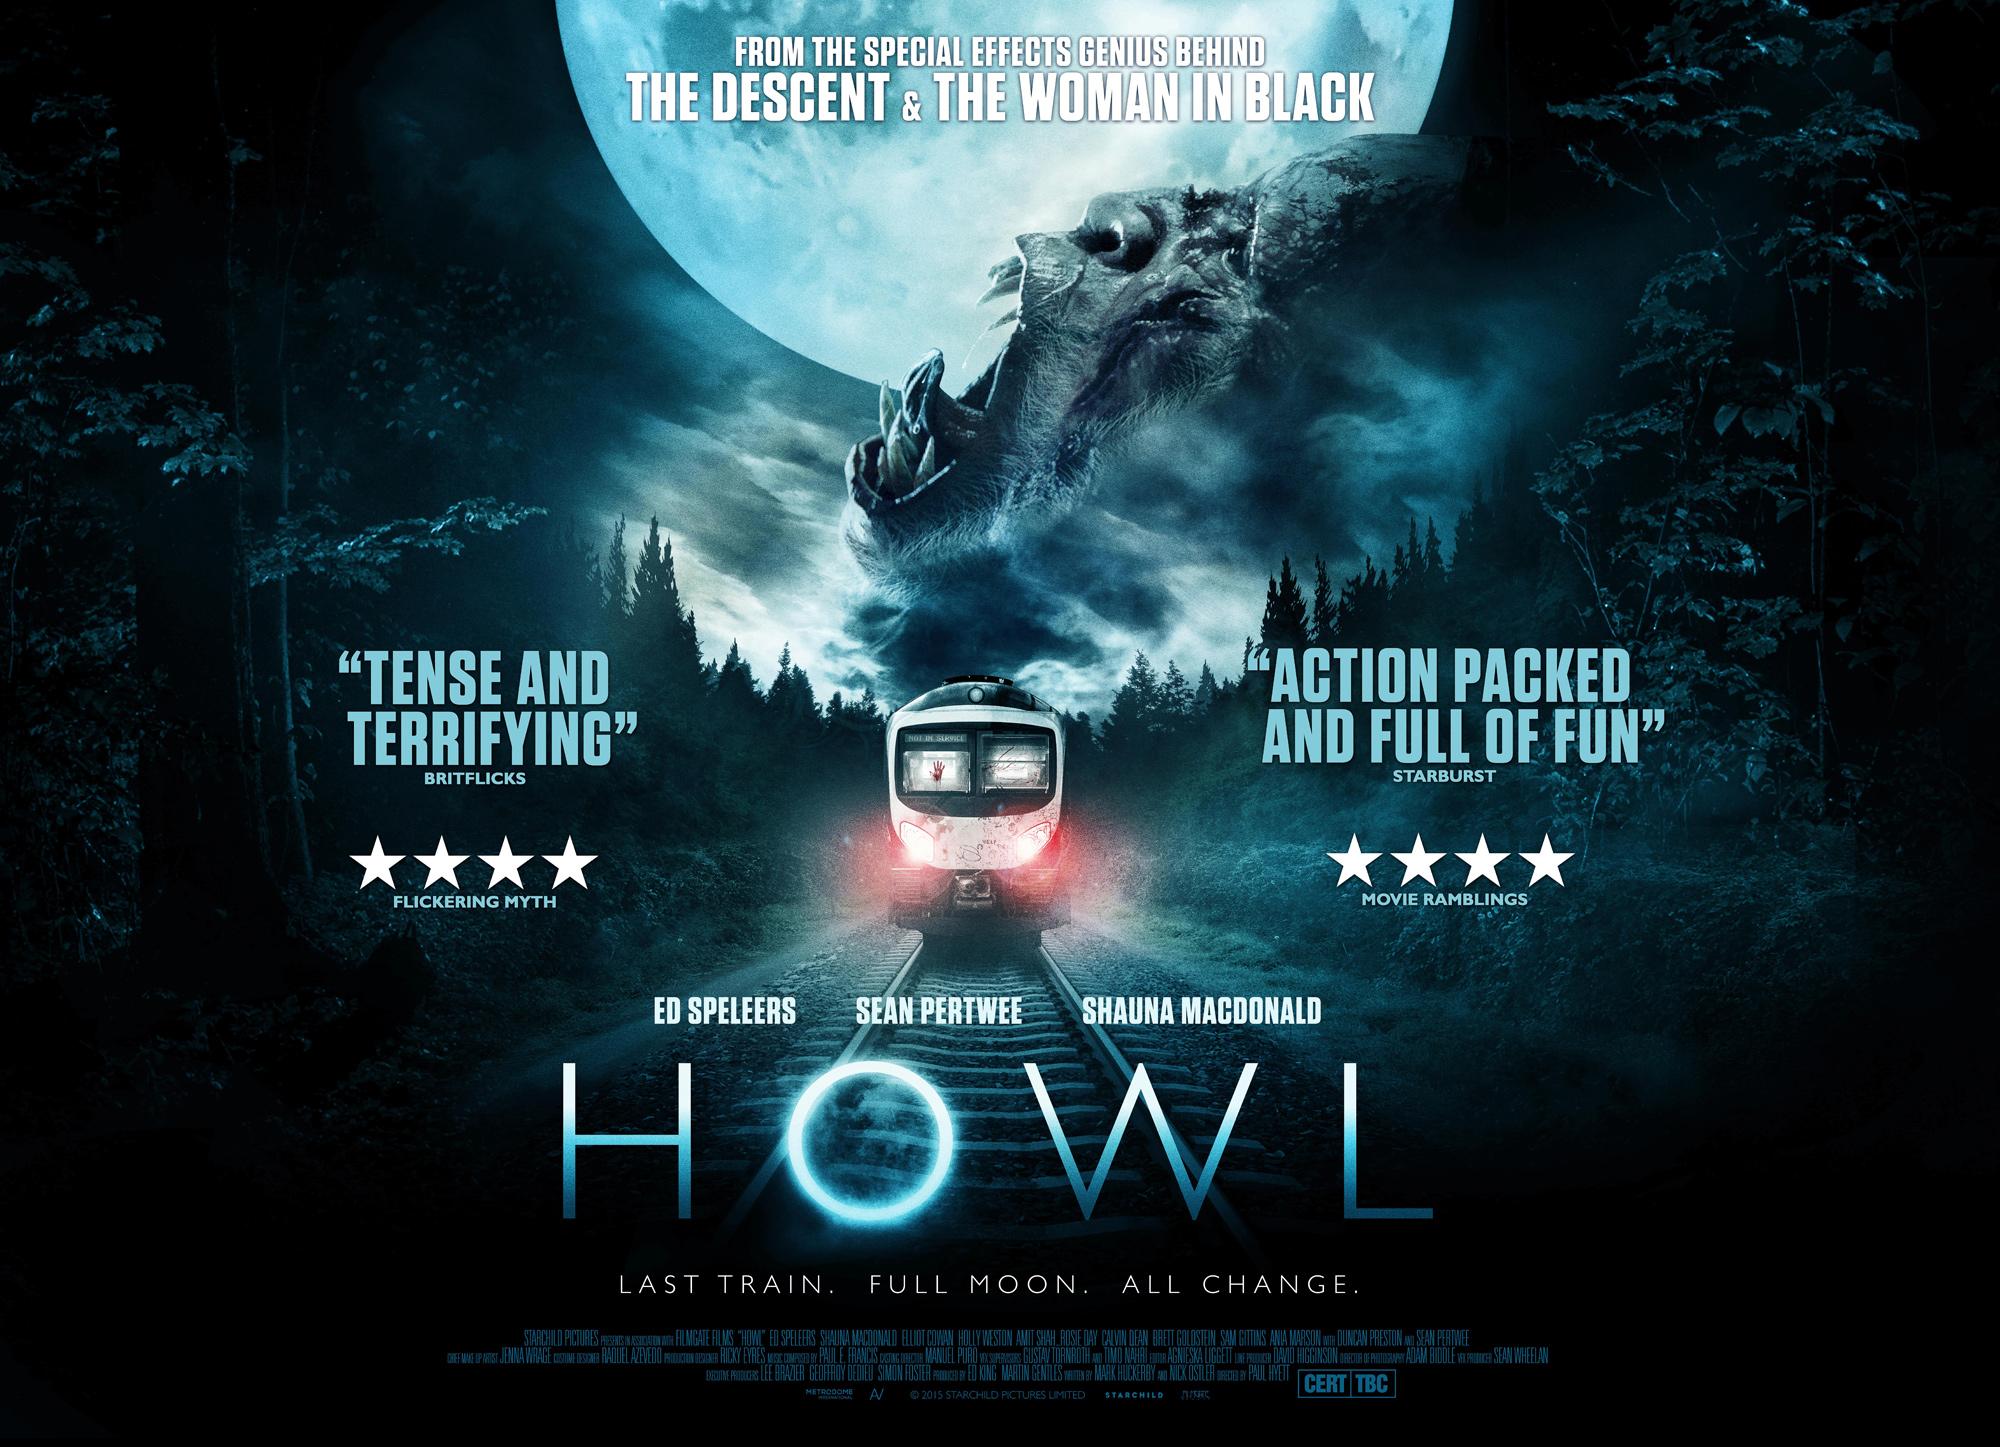 Howl (2015) U.S. Blu-ray | DVD NEWS FLASH: THE REVIEWS